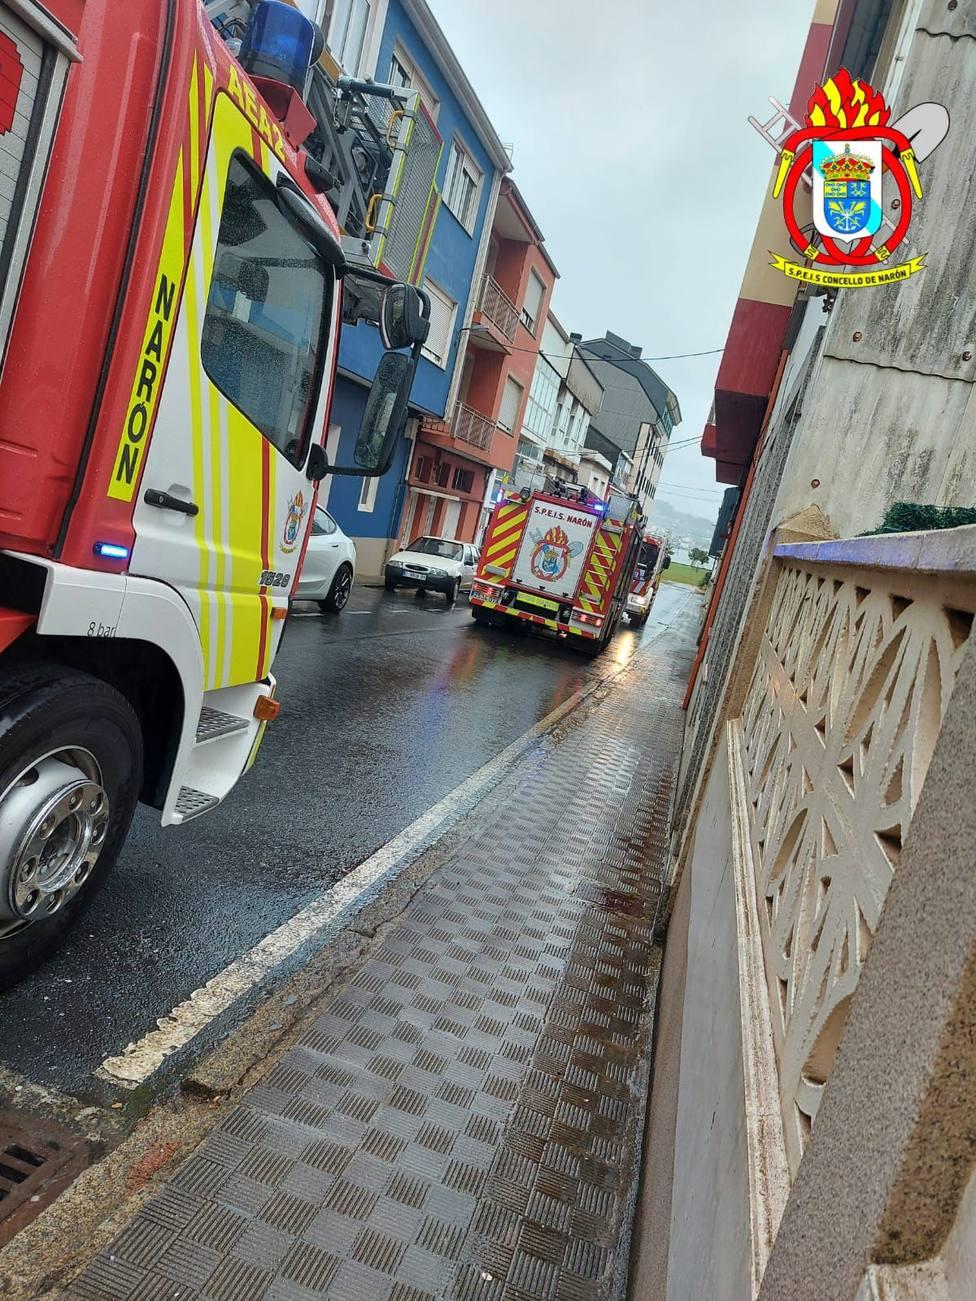 Varios vehículos de los Bomberos de Narón en la zona del incidente - FOTO: SPEIS Narón